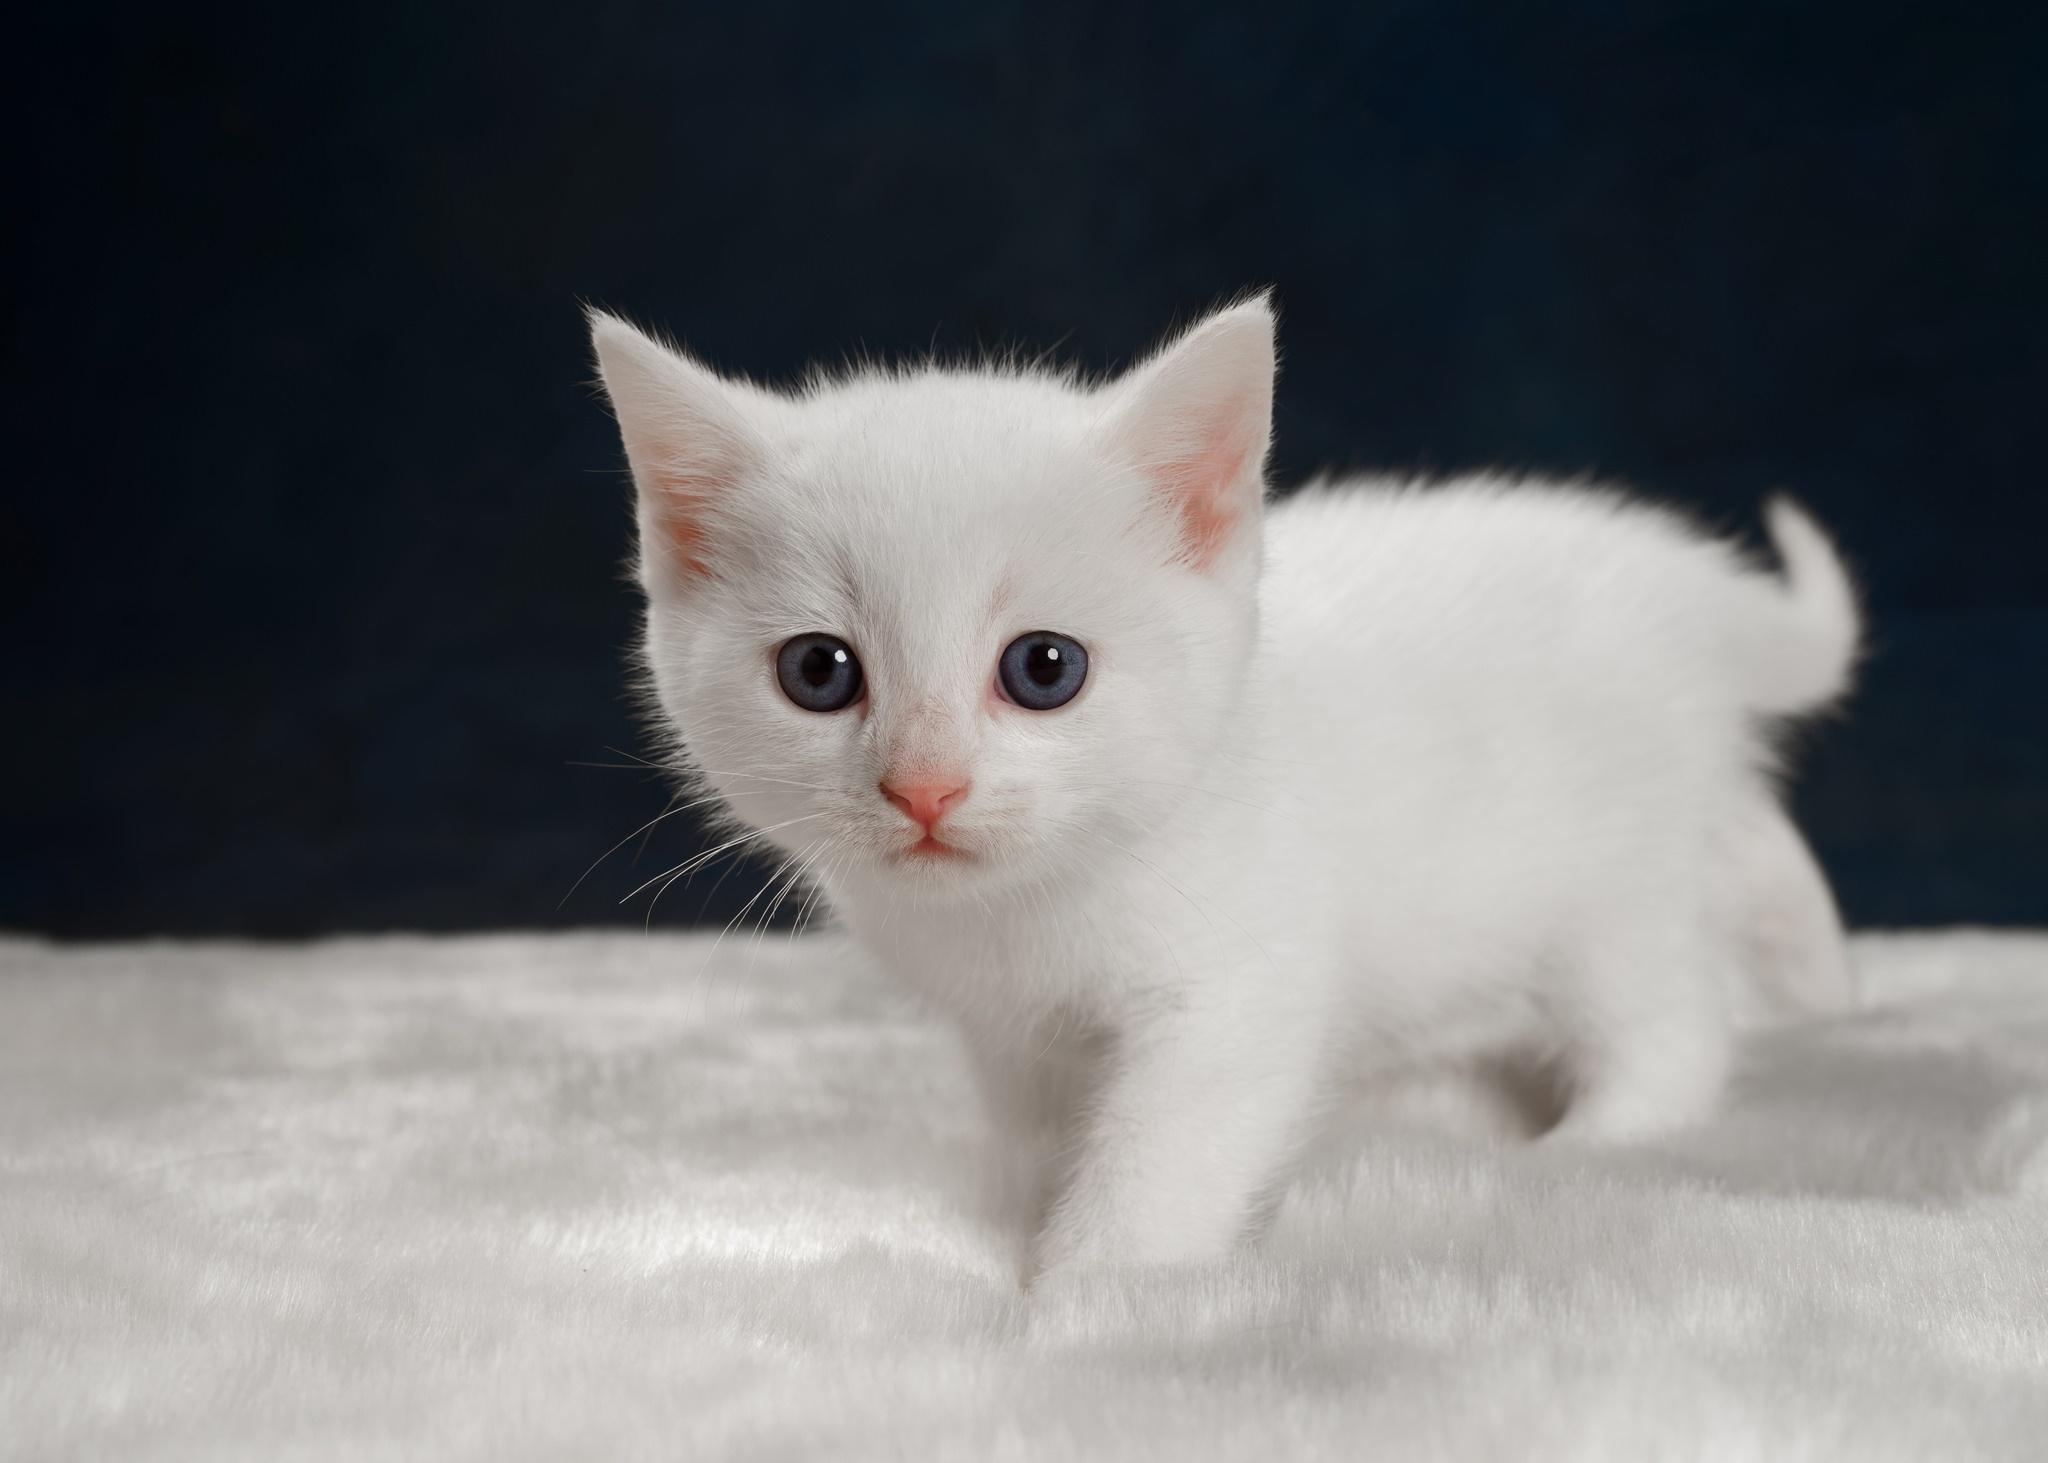 Fondos De Pantalla De Animales Bebes: Fondos De Pantalla : Gatitos, Animales Bebés, Blanco